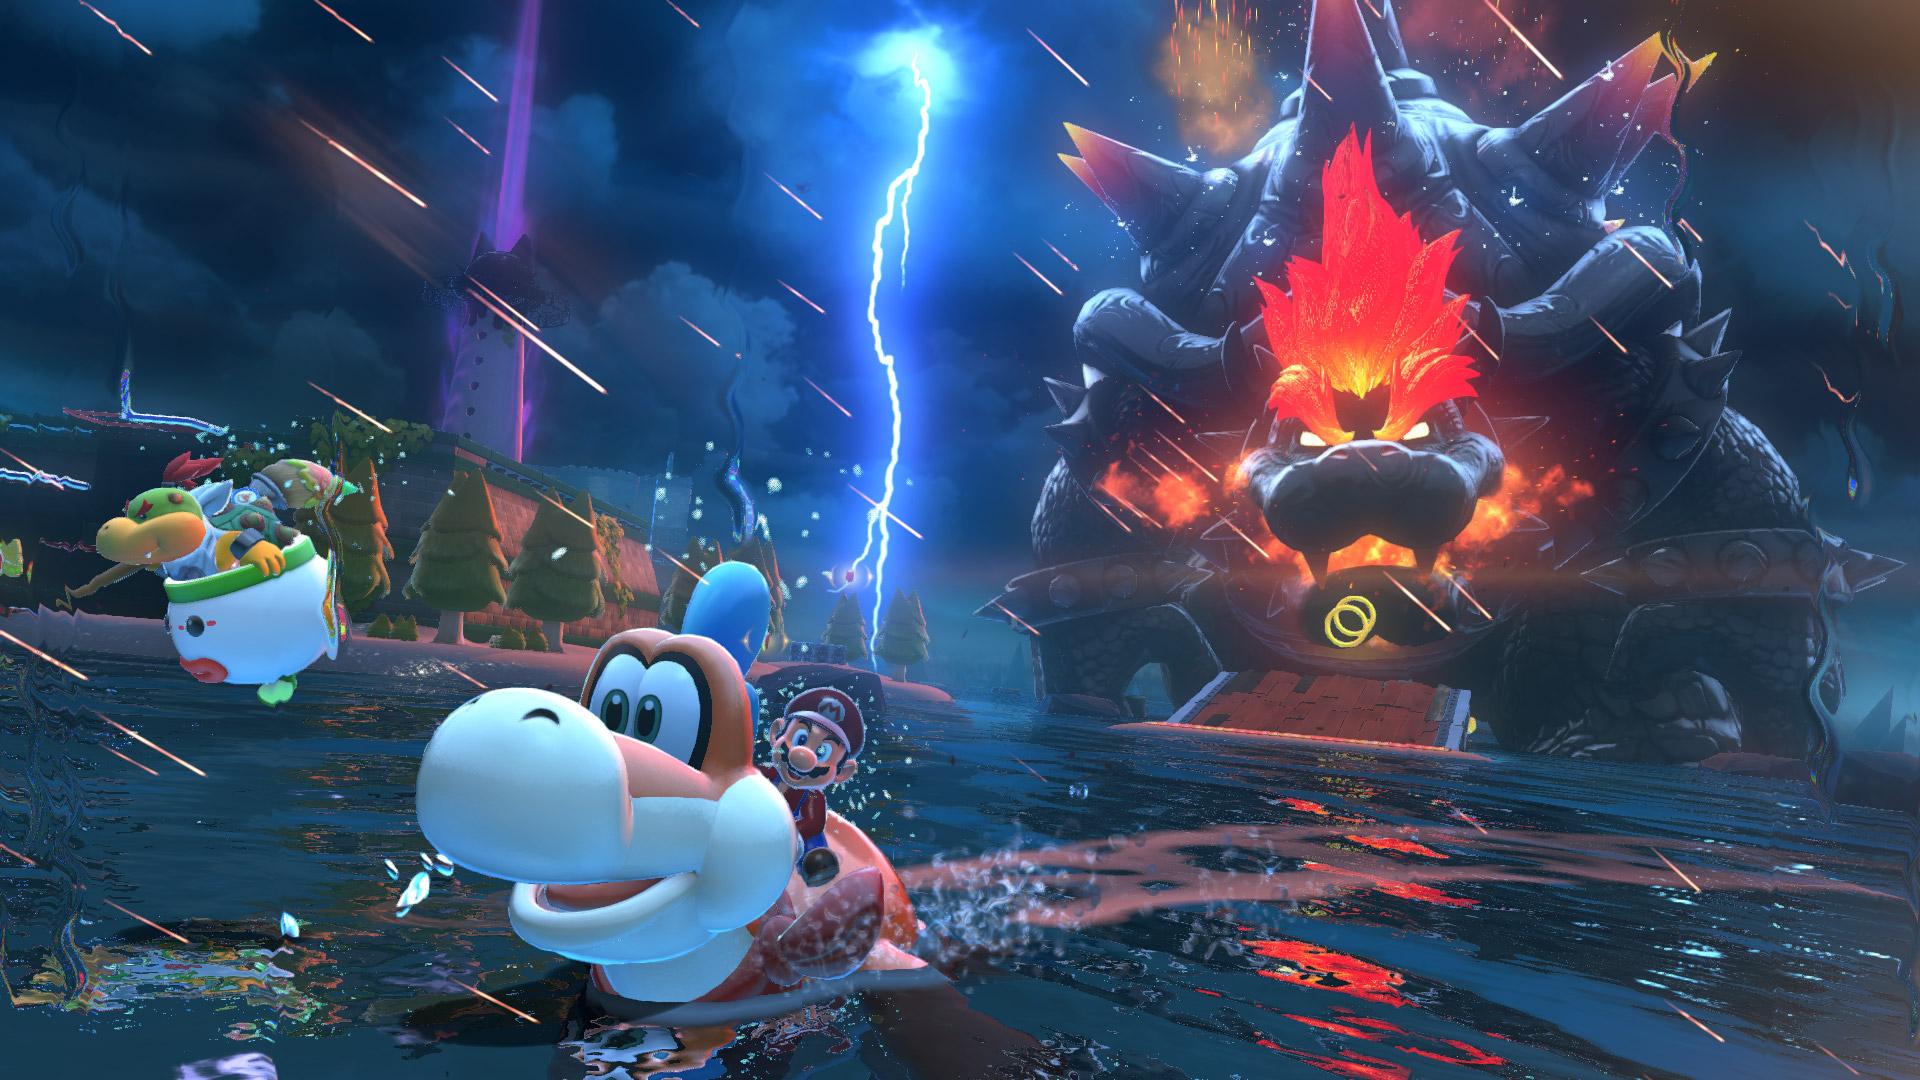 Nintendo uploads a bunch of new Super Mario 3D World + Bowser's Fury screenshots